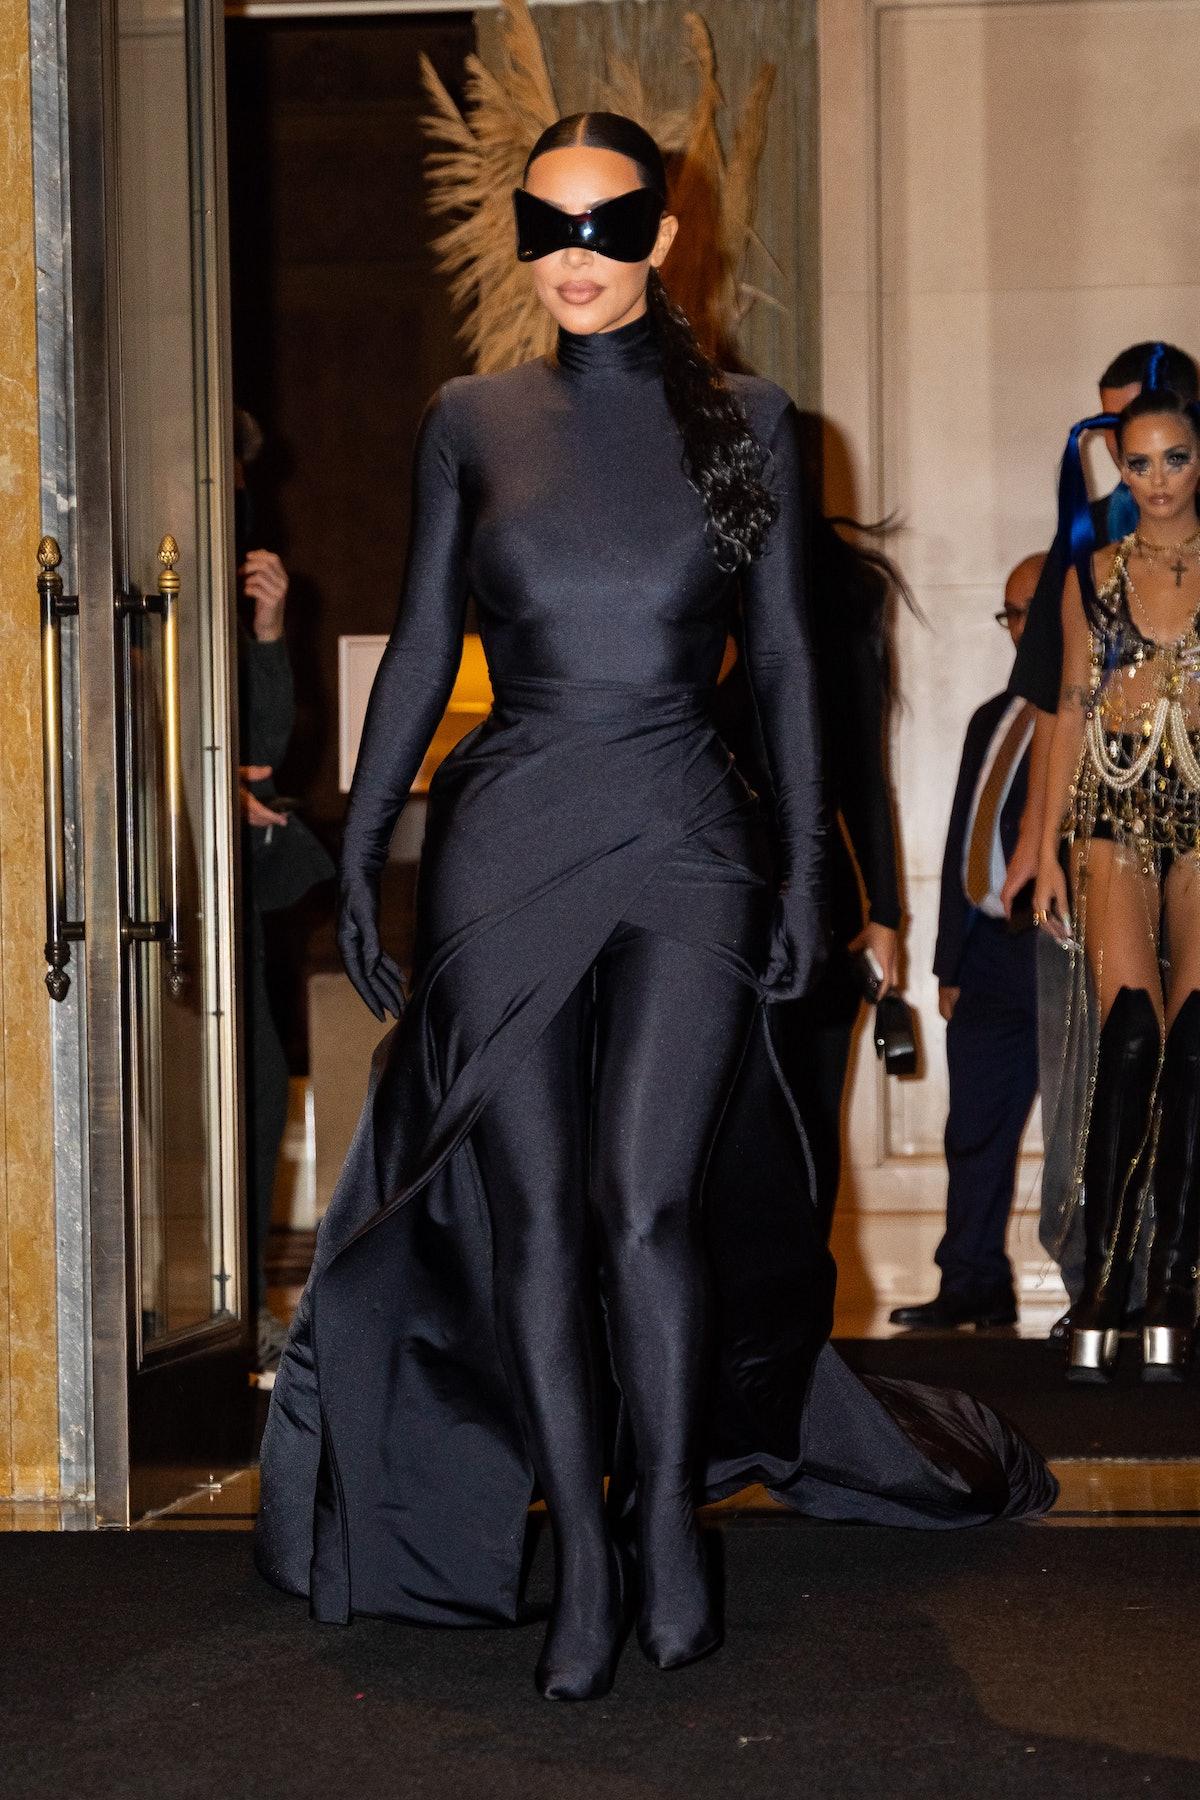 NEW YORK, NEW YORK - SEPTEMBER 13: Kim Kardashian is seen in Midtown on September 13, 2021 in New Yo...